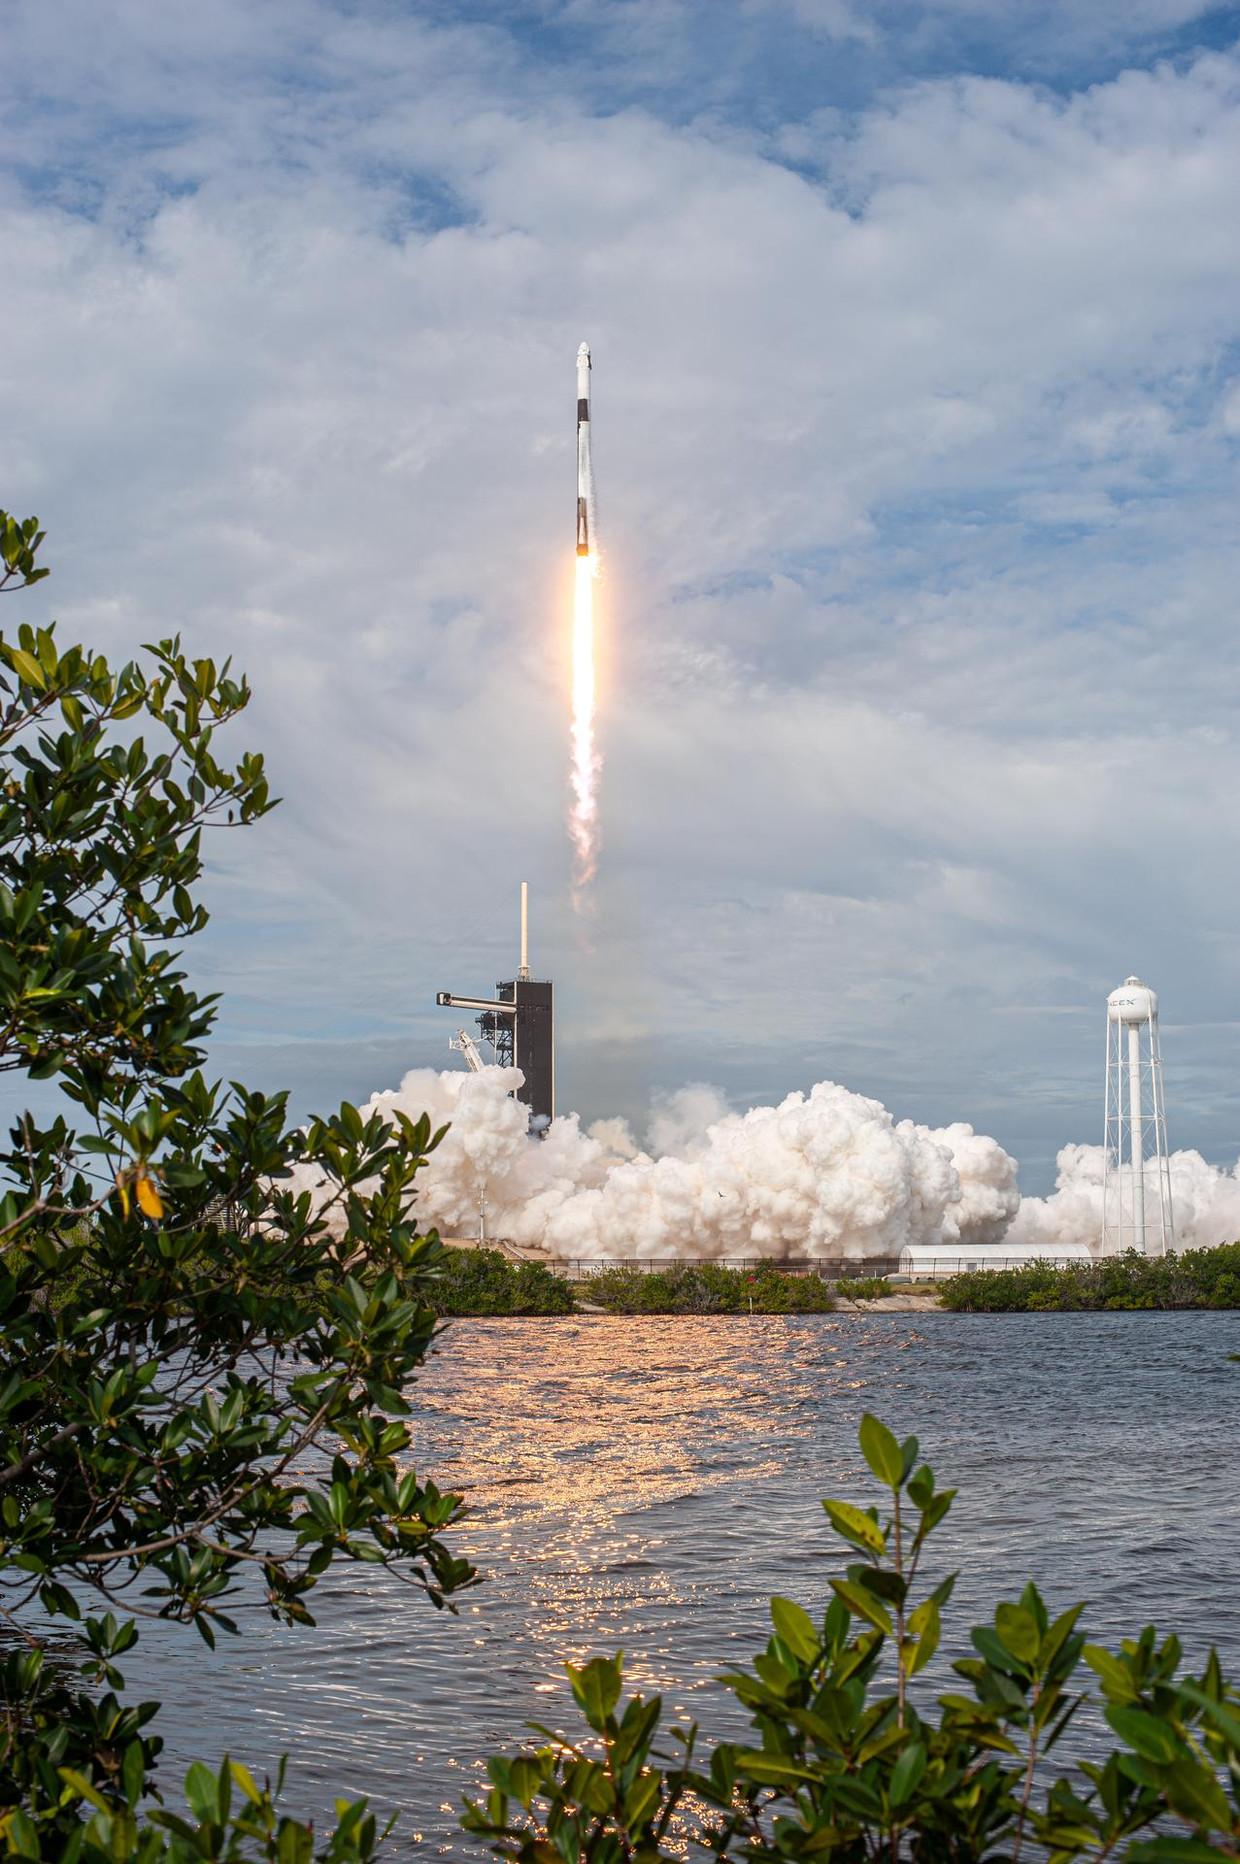 SpaceX vloog bij wijze van test al diverse keren met de Crew Dragon en Falcon 9-raket – hier nog zonder bemanning.